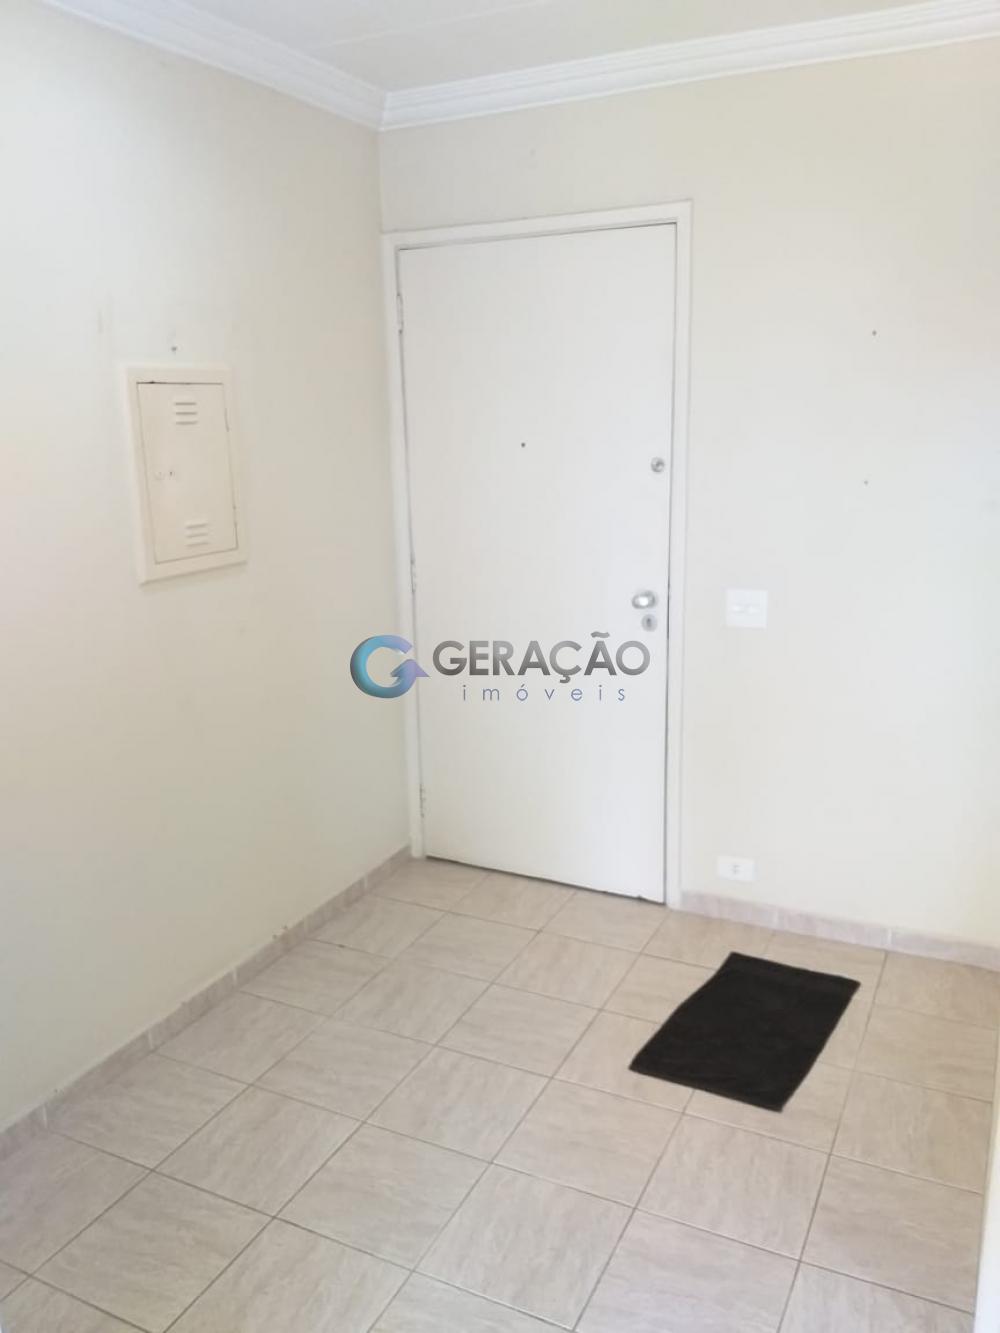 Comprar Comercial / Sala em Condomínio em São José dos Campos apenas R$ 140.000,00 - Foto 3